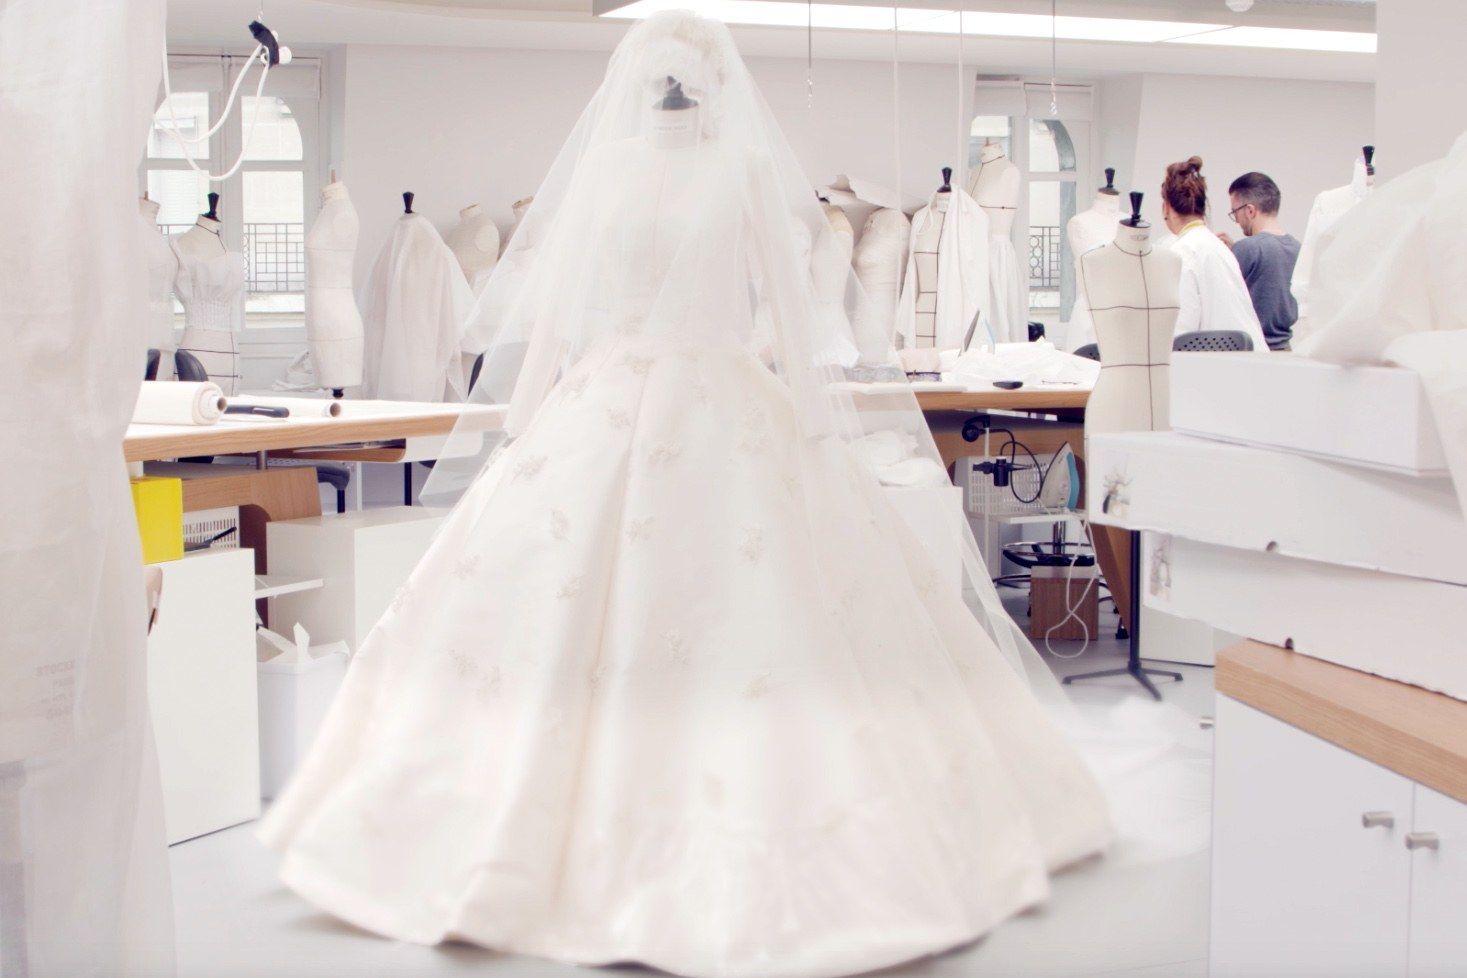 Ein Brautkleid von Dior | Pinterest | Dior, Miranda kerr and Atelier